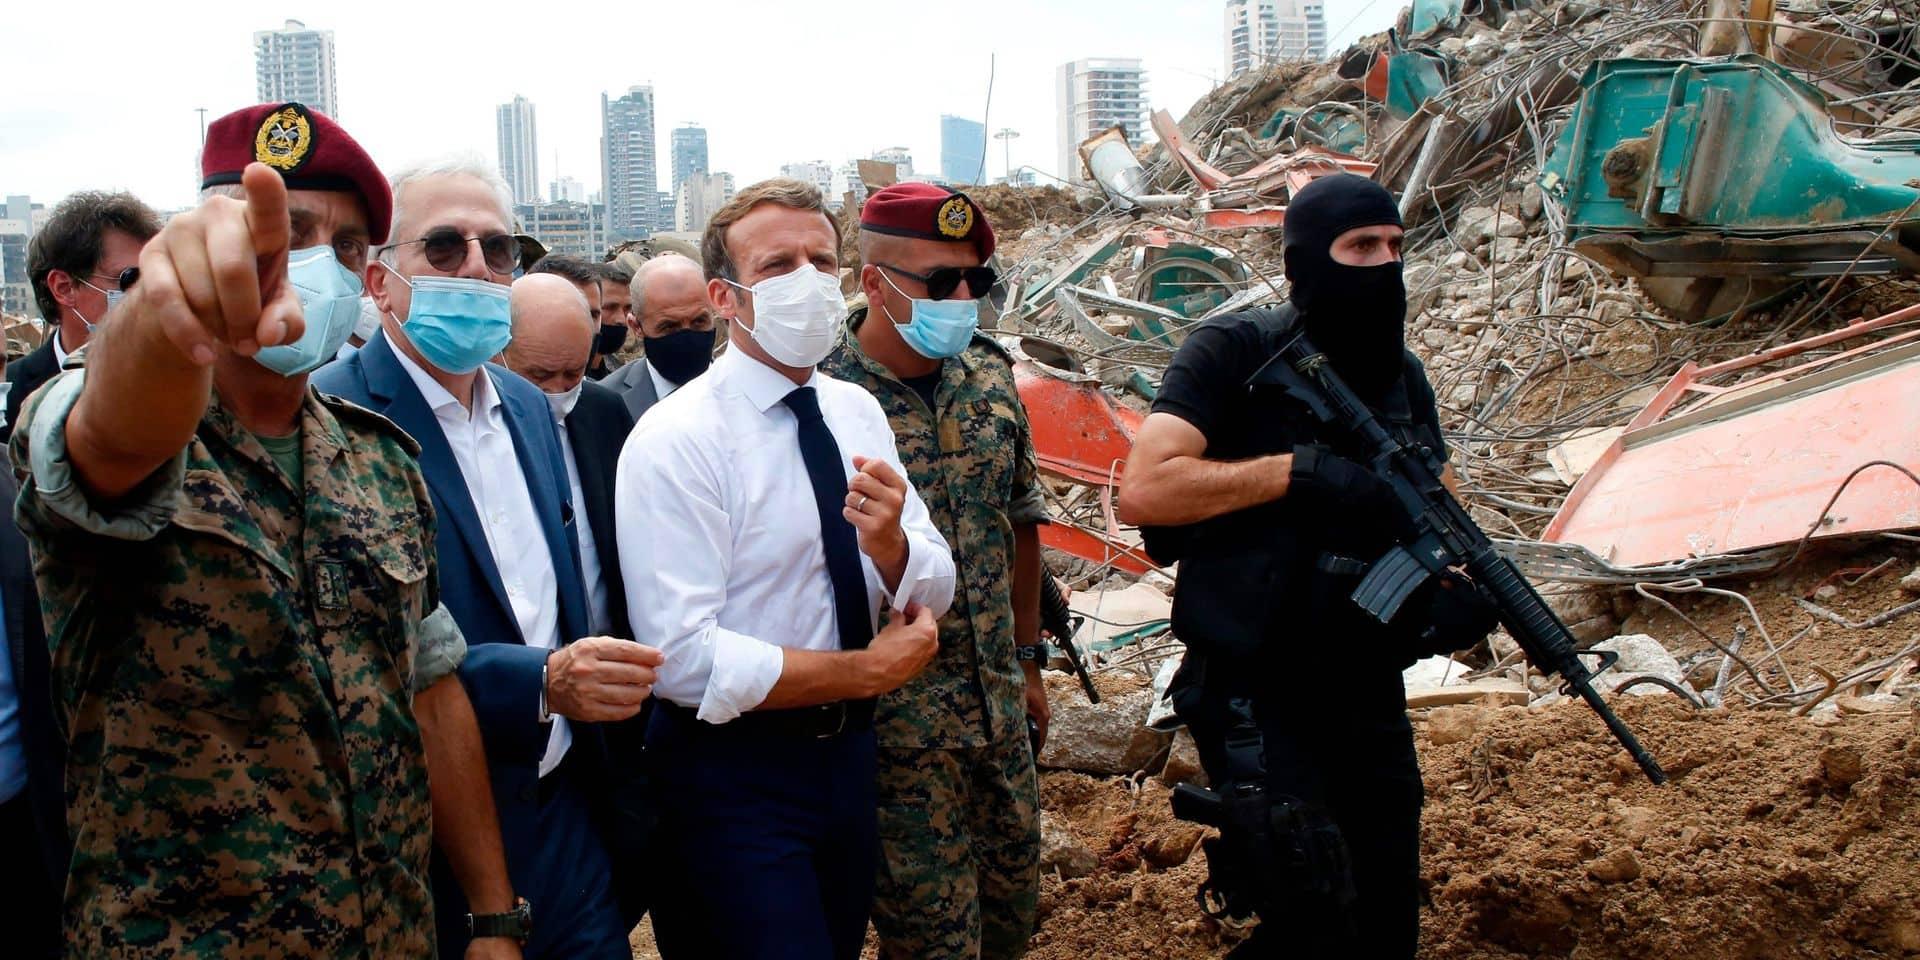 """""""Un one man show arrogant et moralisateur"""": la visite de Macron au Liban critiquée en France"""